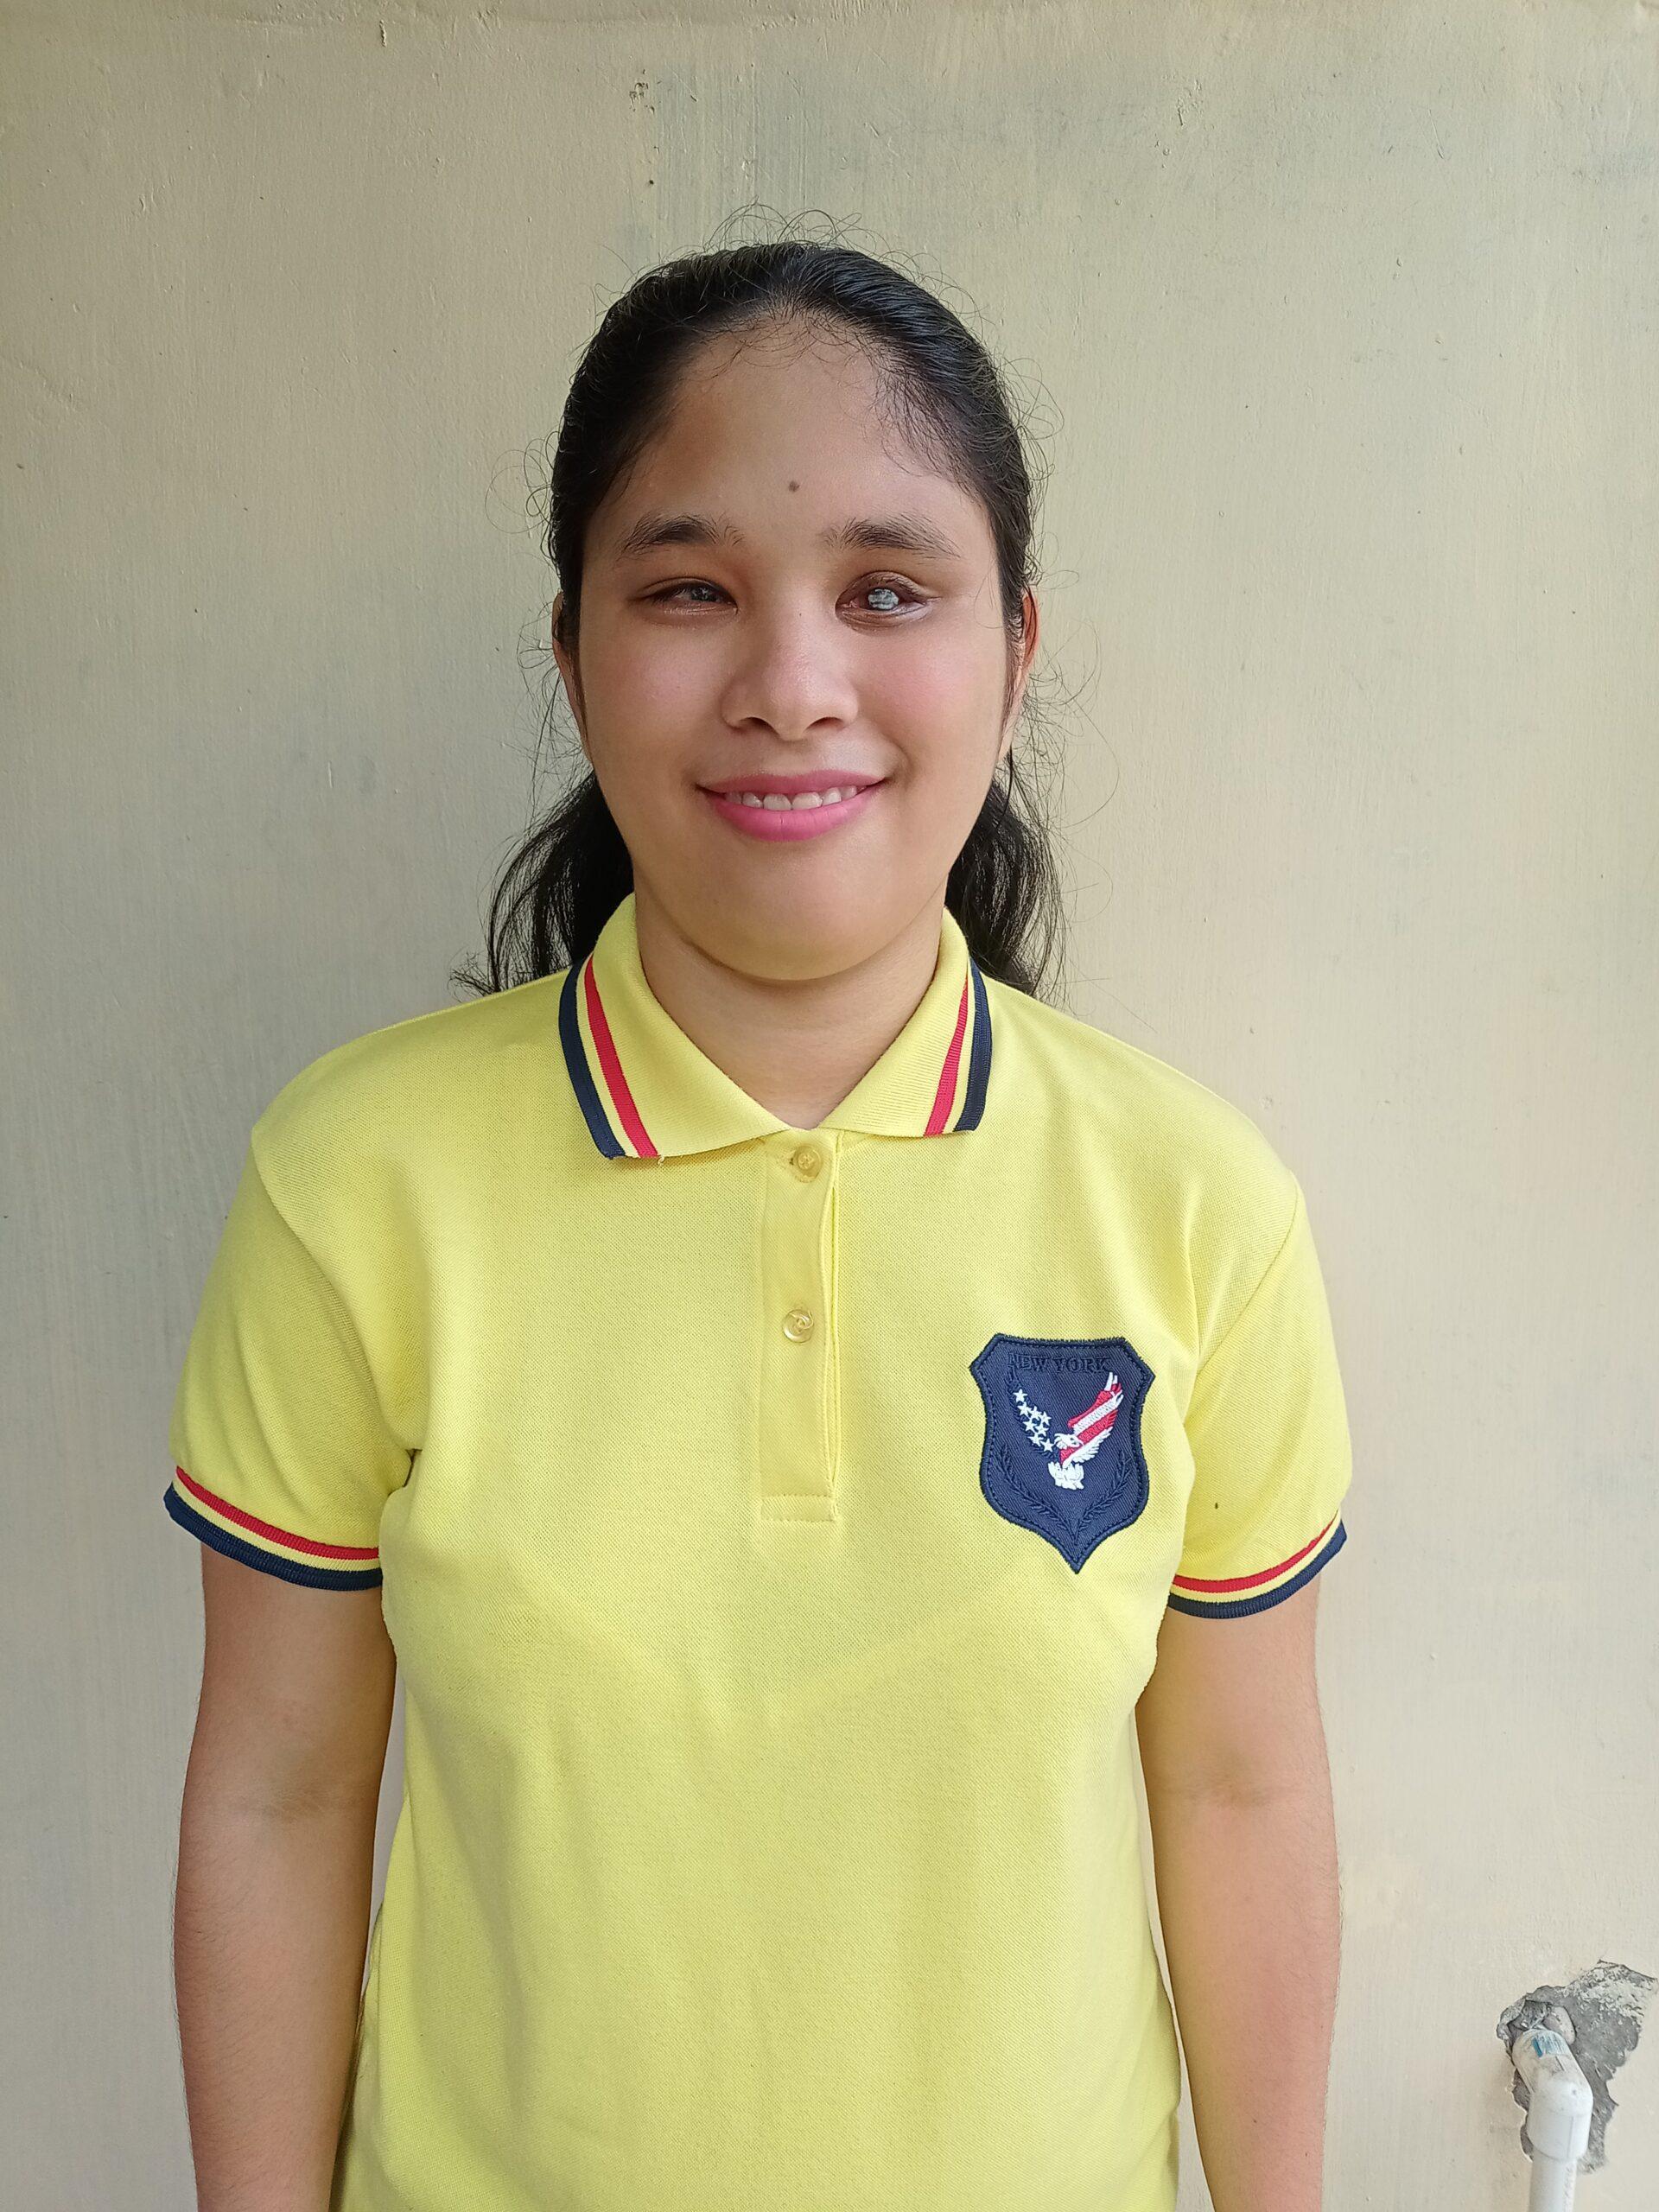 Ms. Rachele wearing a yellow polo shirt